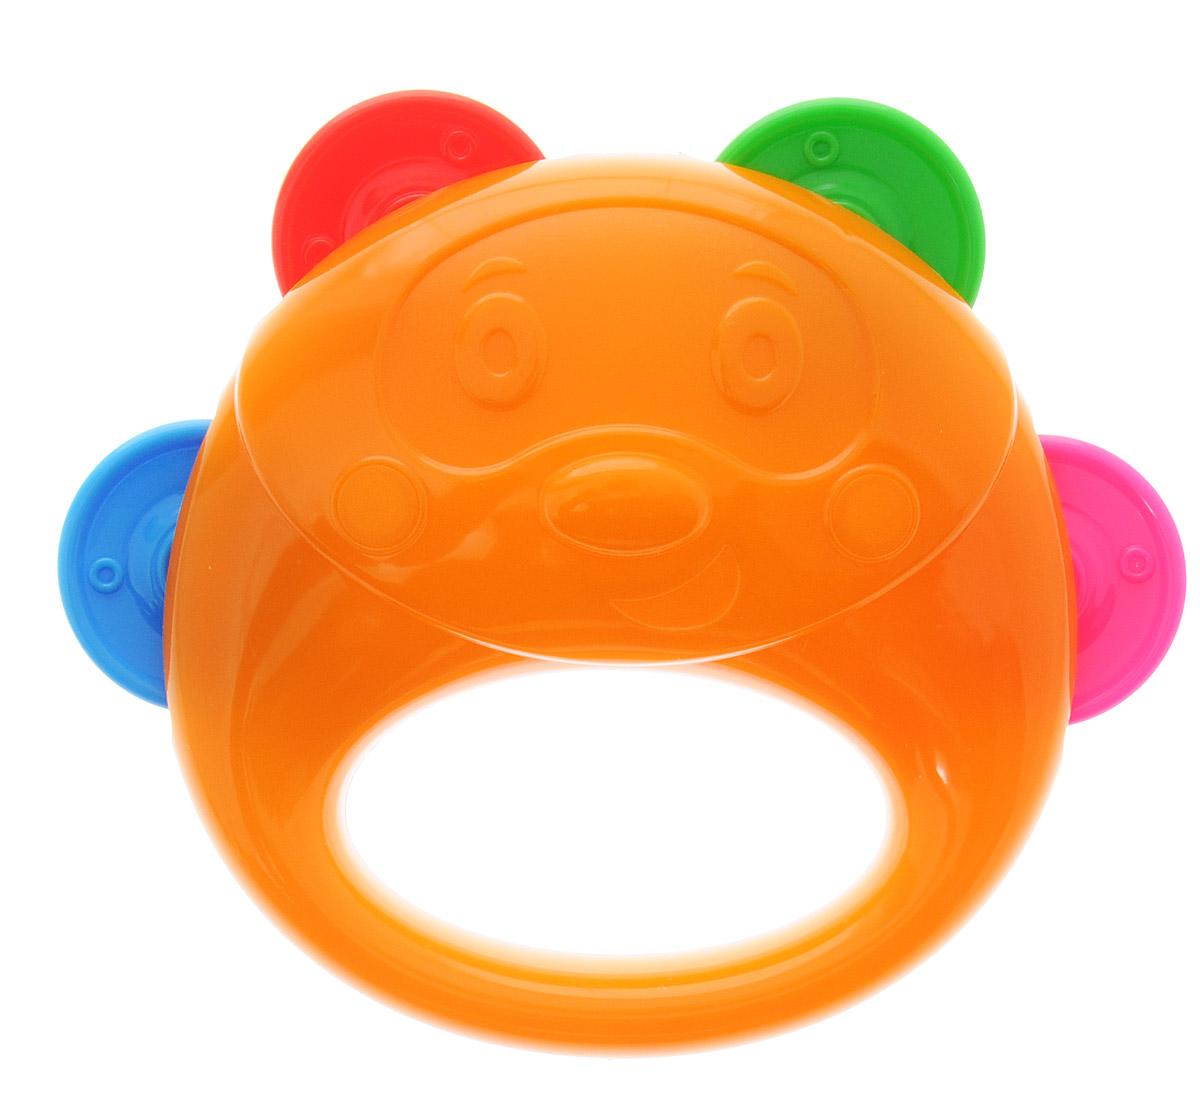 Stellar Бубен цвет белый оранжевый1914_белый, оранжевыйБубен Stellar - это один из самых первых инструментов, который идеально подойдет для ребенка. Музыкальный бубен - яркий ударный инструмент, по которому ребенок может ударять ладошкой, а также трясти его в ручке. Бубен выполнен из прочного материала и имеет 4 пары разноцветных дисков, которые при движении издают приятный звук. Бубен в виде симпатичного медвежонка поможет ребенку развить слух и чувство ритма. Мальчики и девочки смогут аккомпанировать себе во время пения или отбивать ритм, исполняя искрометный танец.